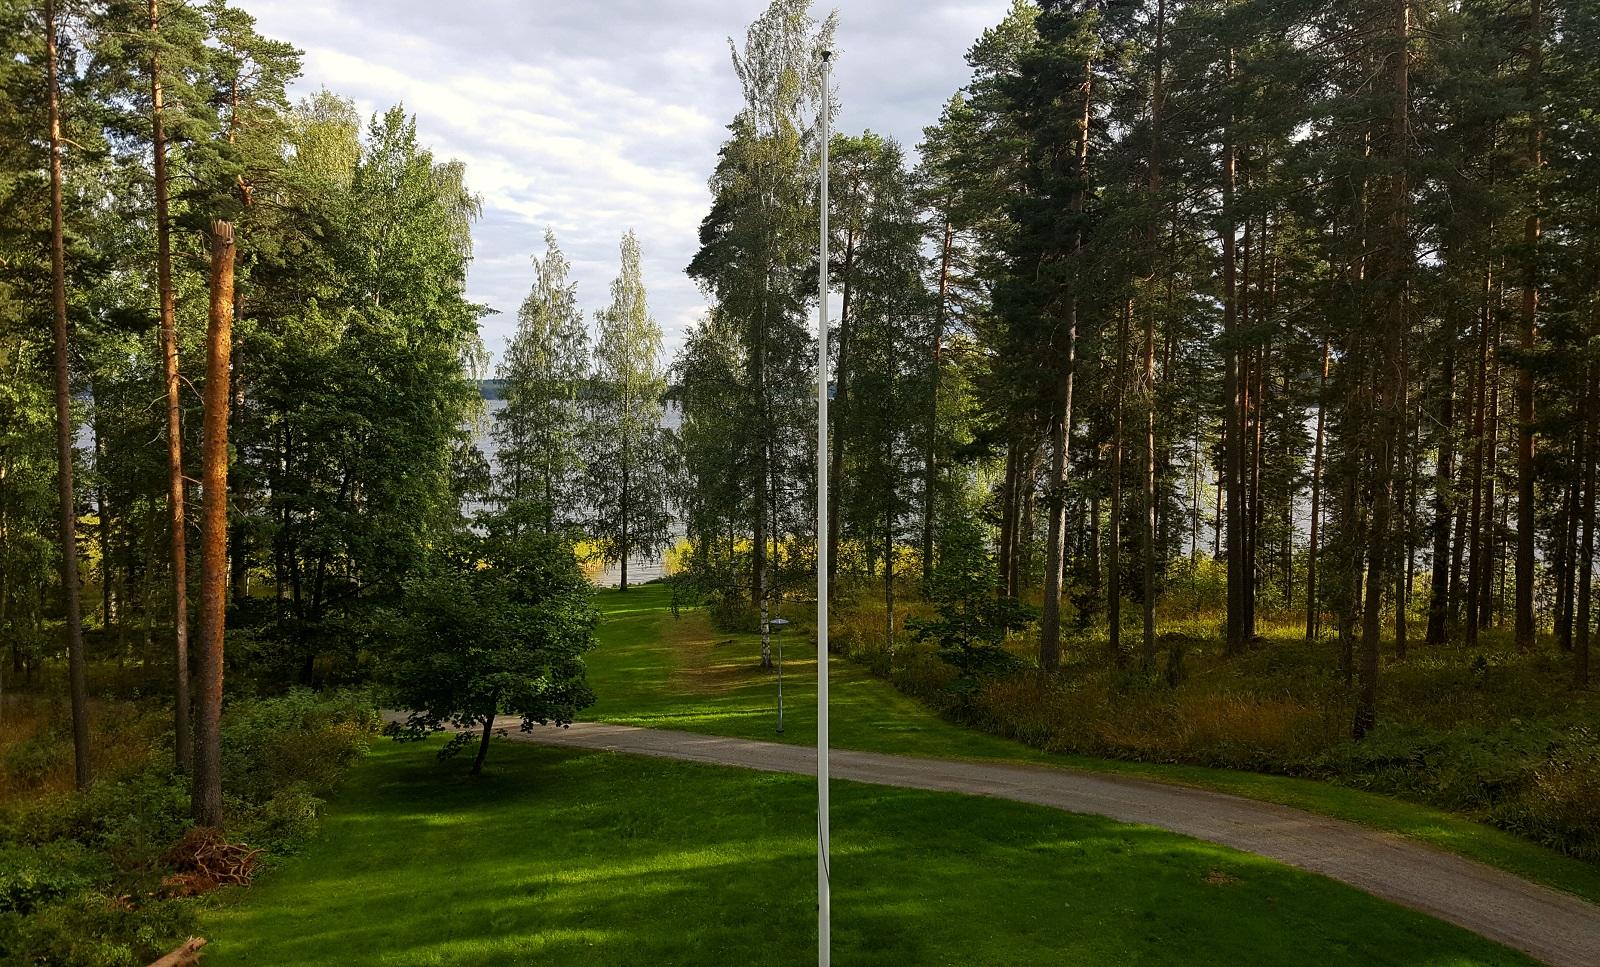 Villa Urhola. Huoneen numero 510 parvekkeelta avautuva maisema.